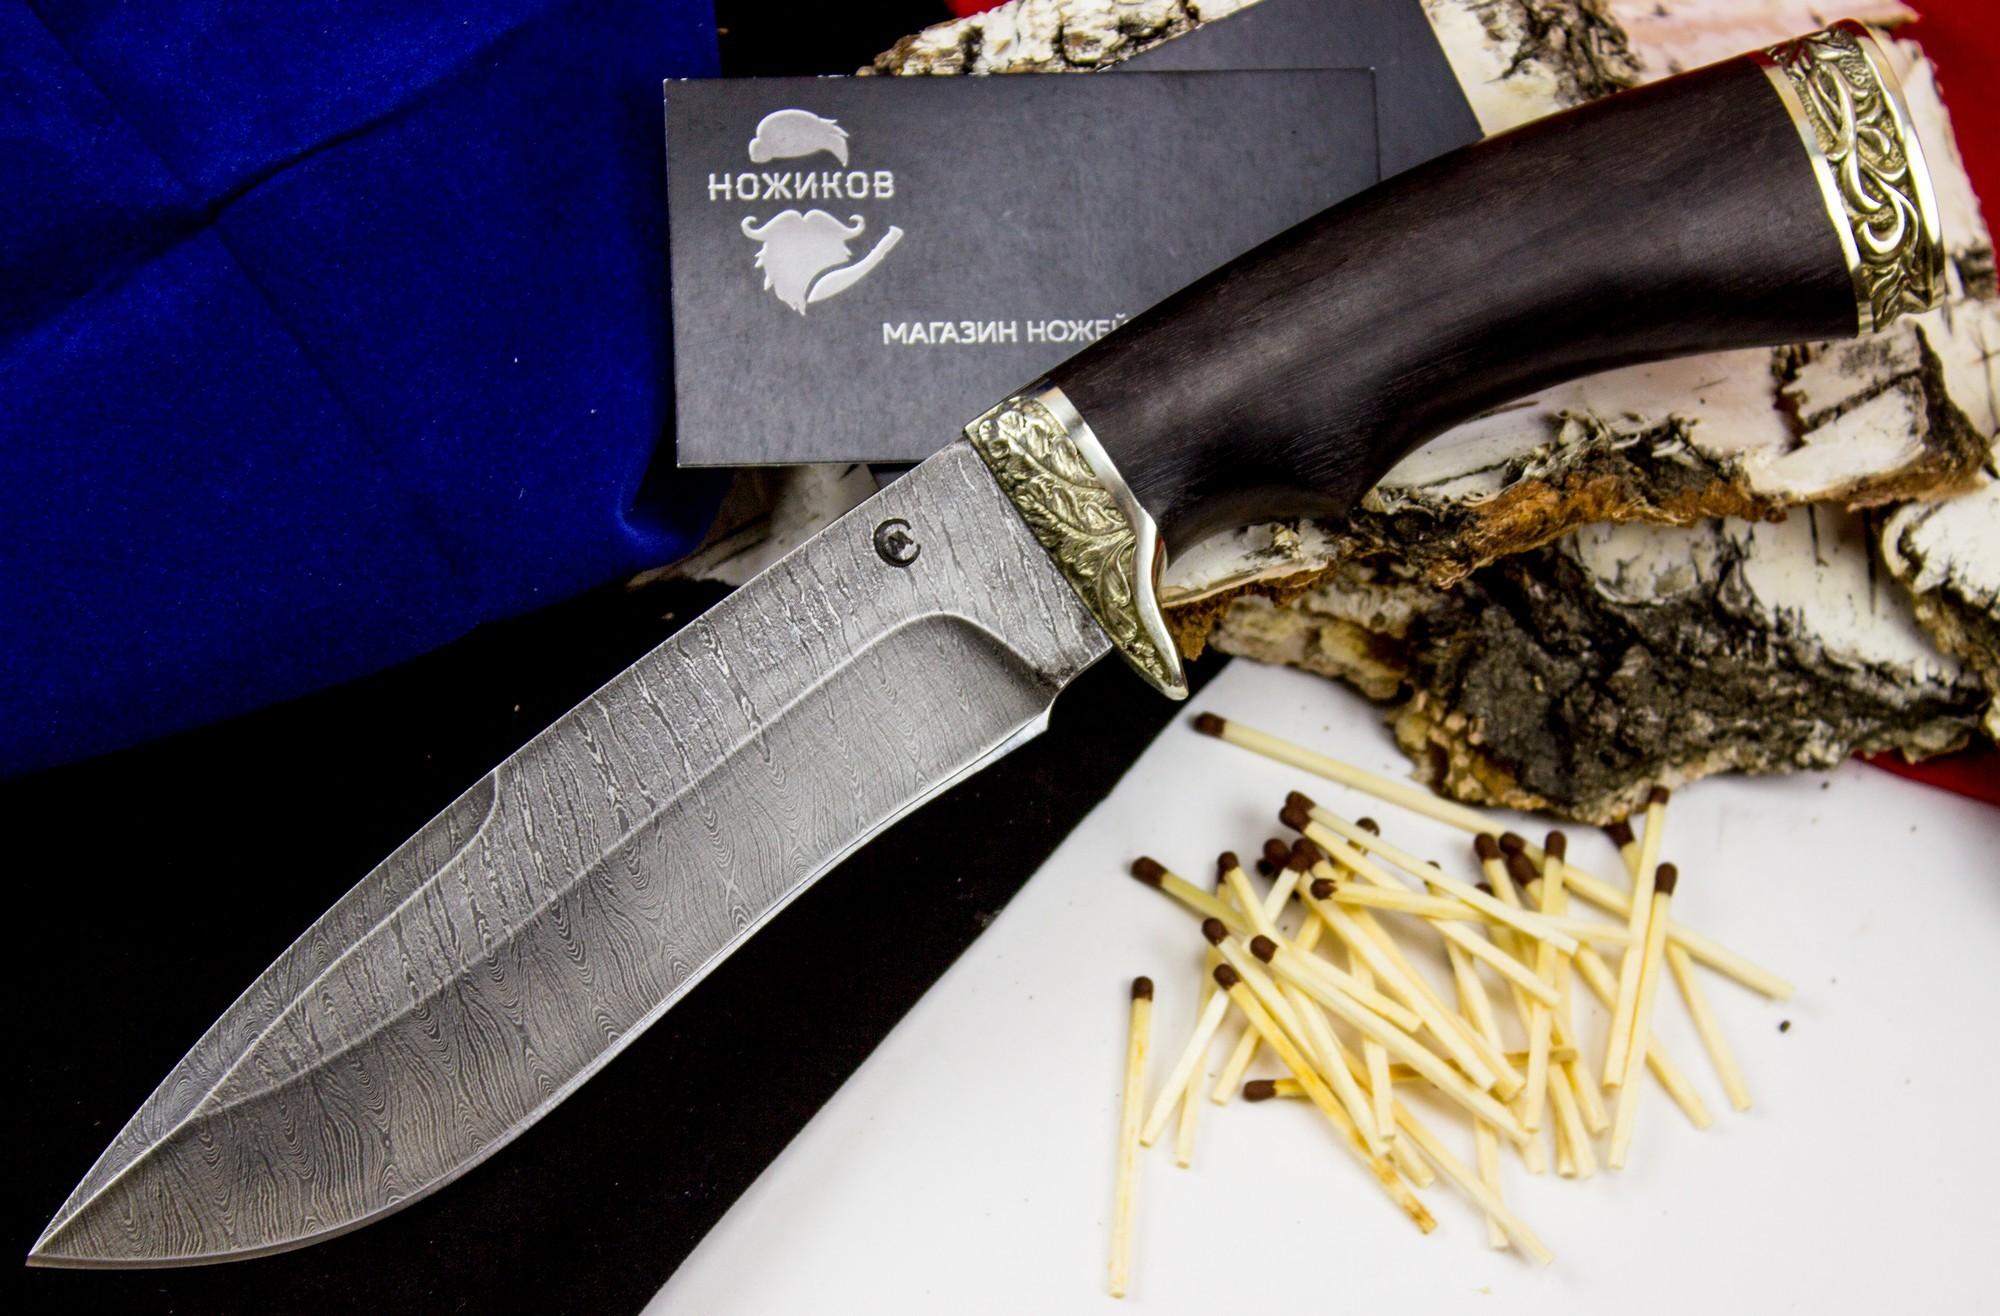 Нож Скиф , дамасская стальНожи Ворсма<br>Происхождение названия ножа «Скиф» абсолютно соответствует его внешнему виду, за исключением длины. Нож «Скиф» - это почти точная копия скифского меча «акинак», хотя в малой длине лезвия есть свой плюс – данный нож нельзя считать холодным оружием. Во всем остальном - этот нож оригинальной вогнутой формы, с полуторной заточкой, ромбовидным сечением и клинком, изготовленным из дамасской стали.<br>Прочность без хрупкости, стойкость к ударам и гибкость, устойчивость к коррозии и строгое «парадное» оформление - не очень часто встречающийся набор. Рукоять их древесины граба украшает мельхиоровое литье с узорами, что превращает удобный оригинальный нож в необычный подарок<br>